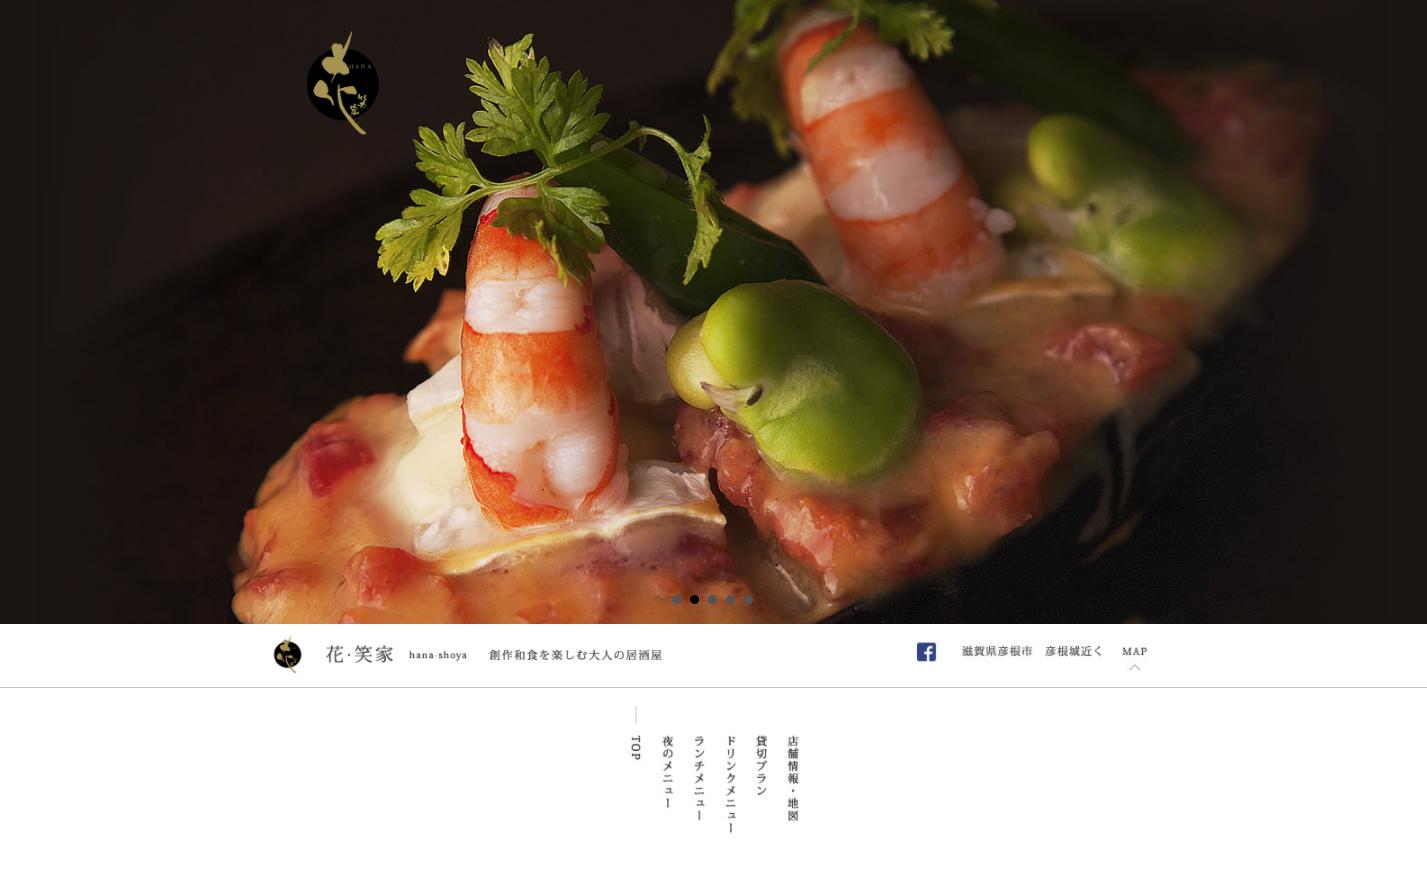 花・笑家 hana-shoya ウェブサイト